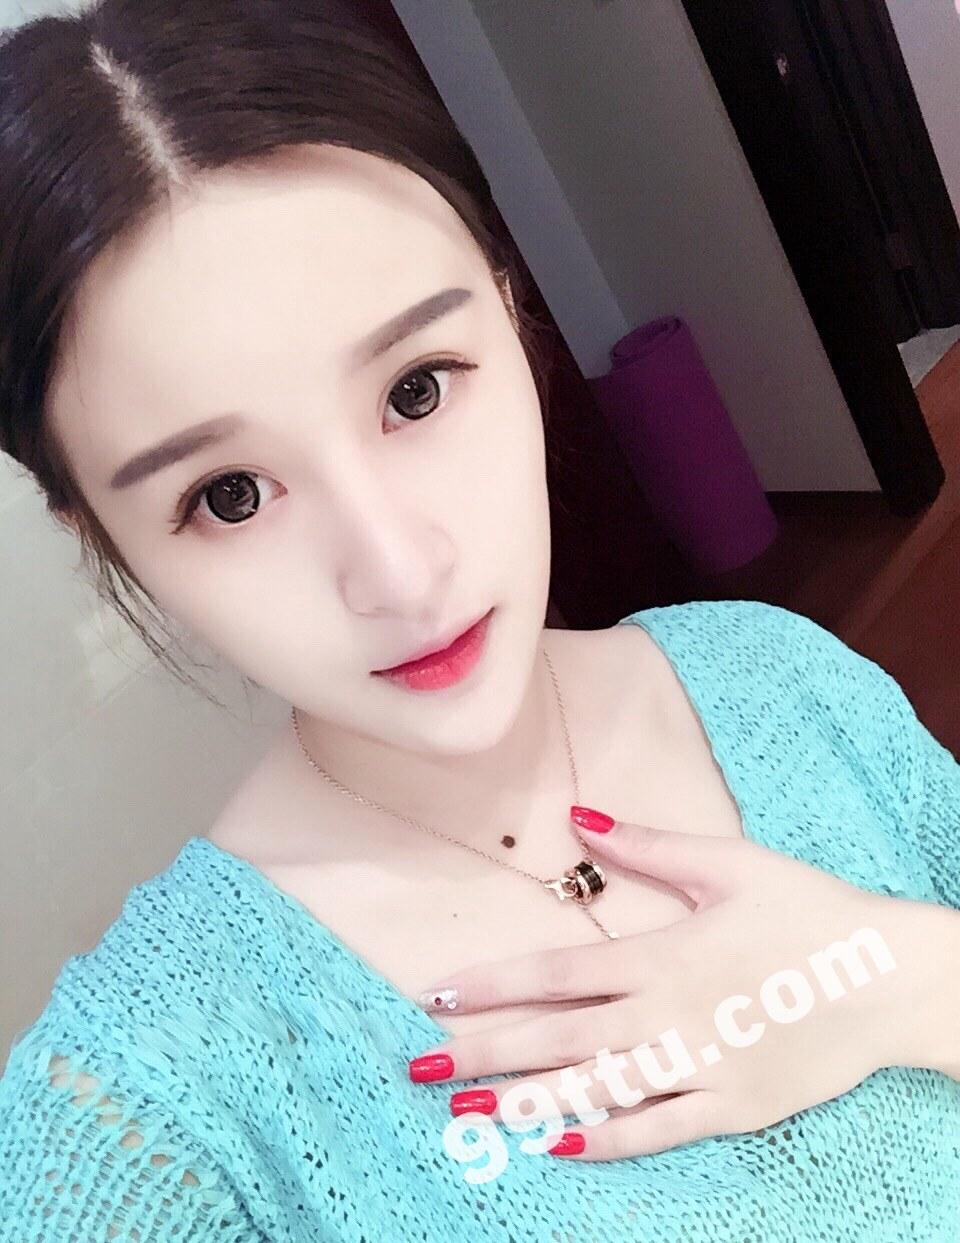 KK76_513张图+95个视频 推荐美女朋友圈套图生活照-10